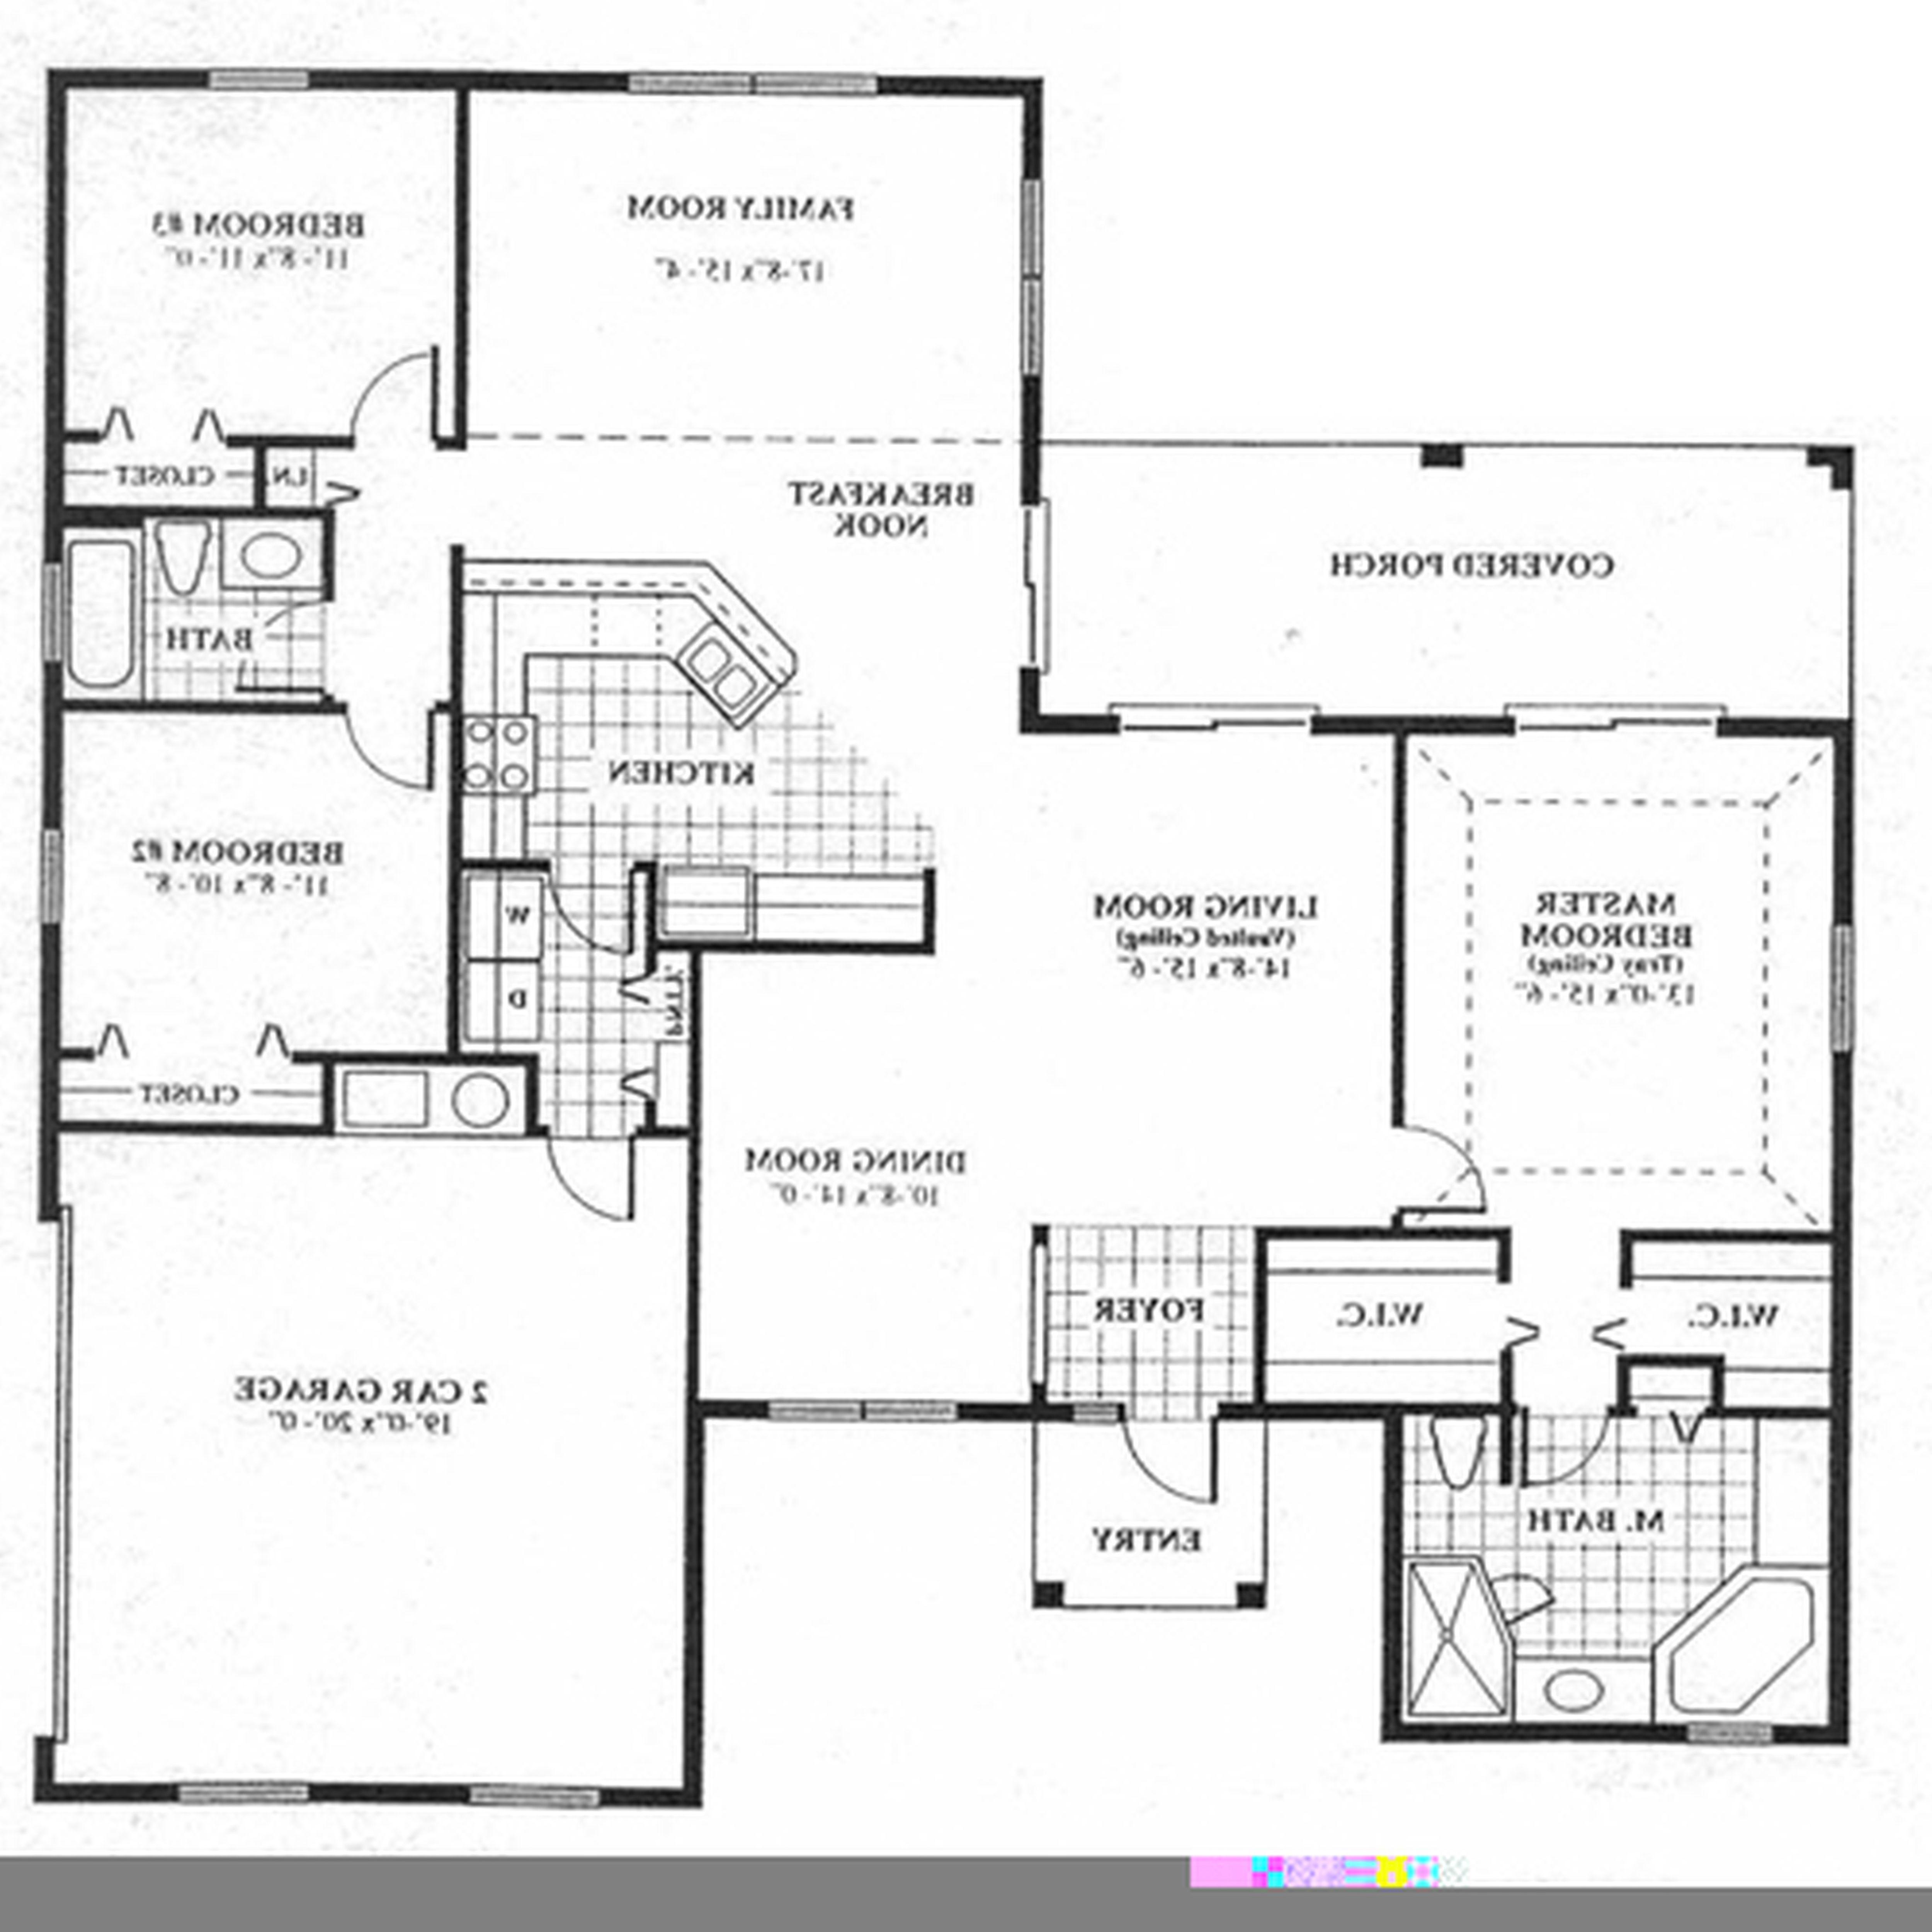 Adam Gilbert Adamgilbertwlz House Floor Plans Home Design Floor Plans Floor Plan Design